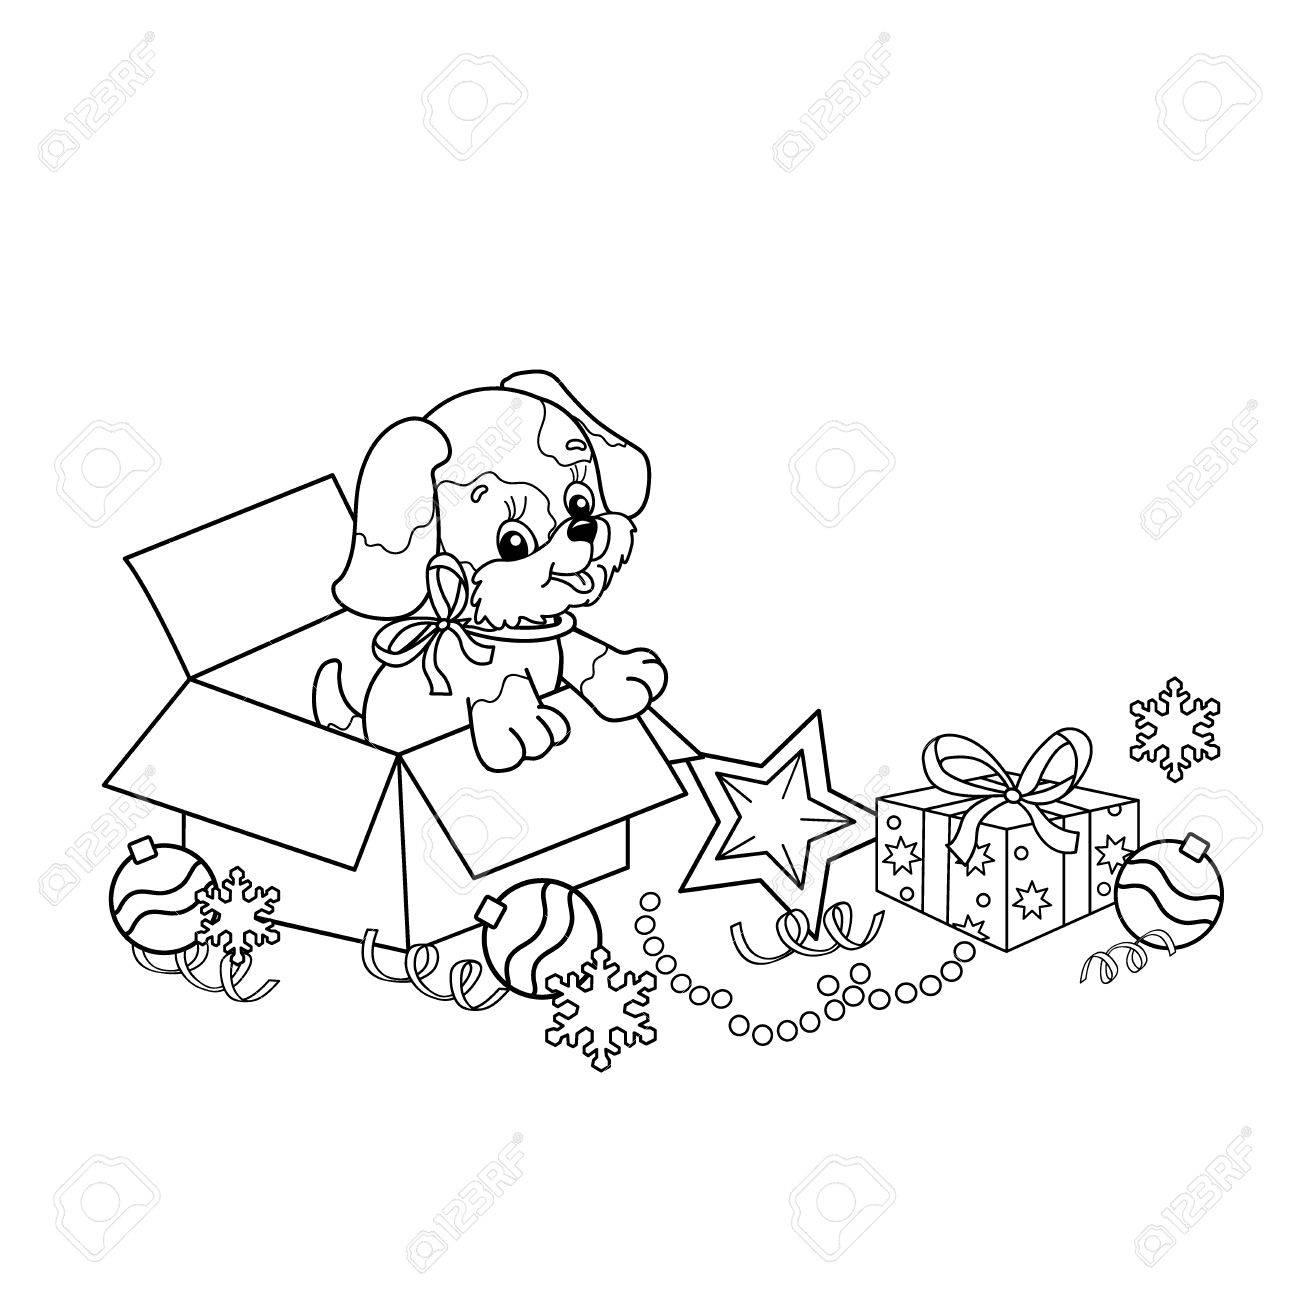 Esquema De La Página De Colorear Del Cachorro De Dibujos Animados ...